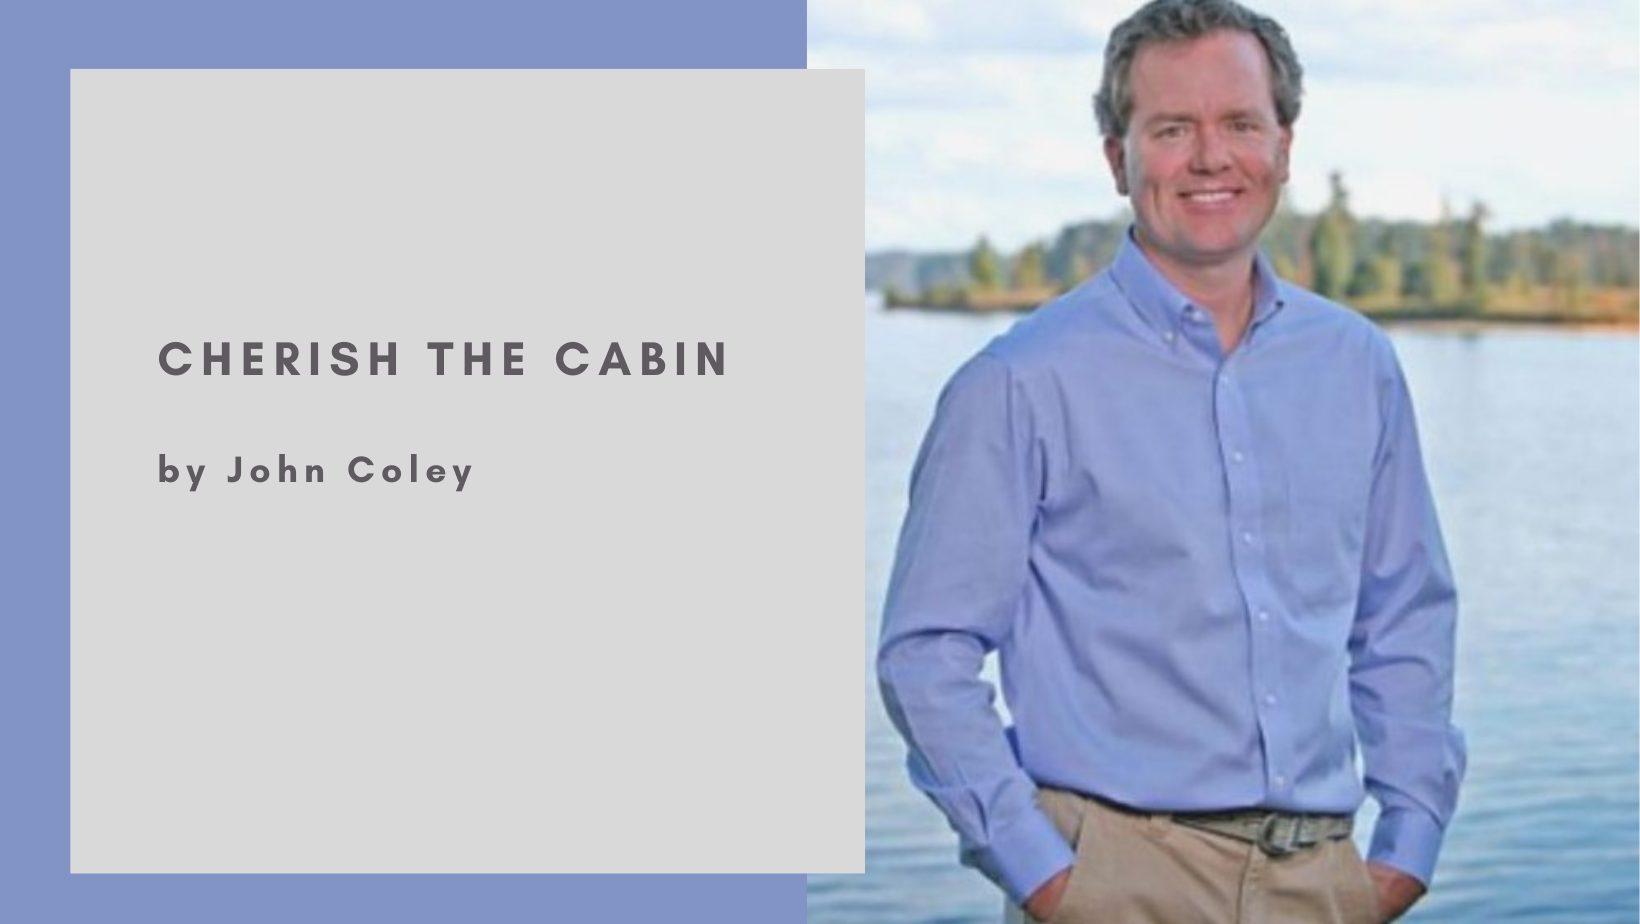 Cherish the Cabin